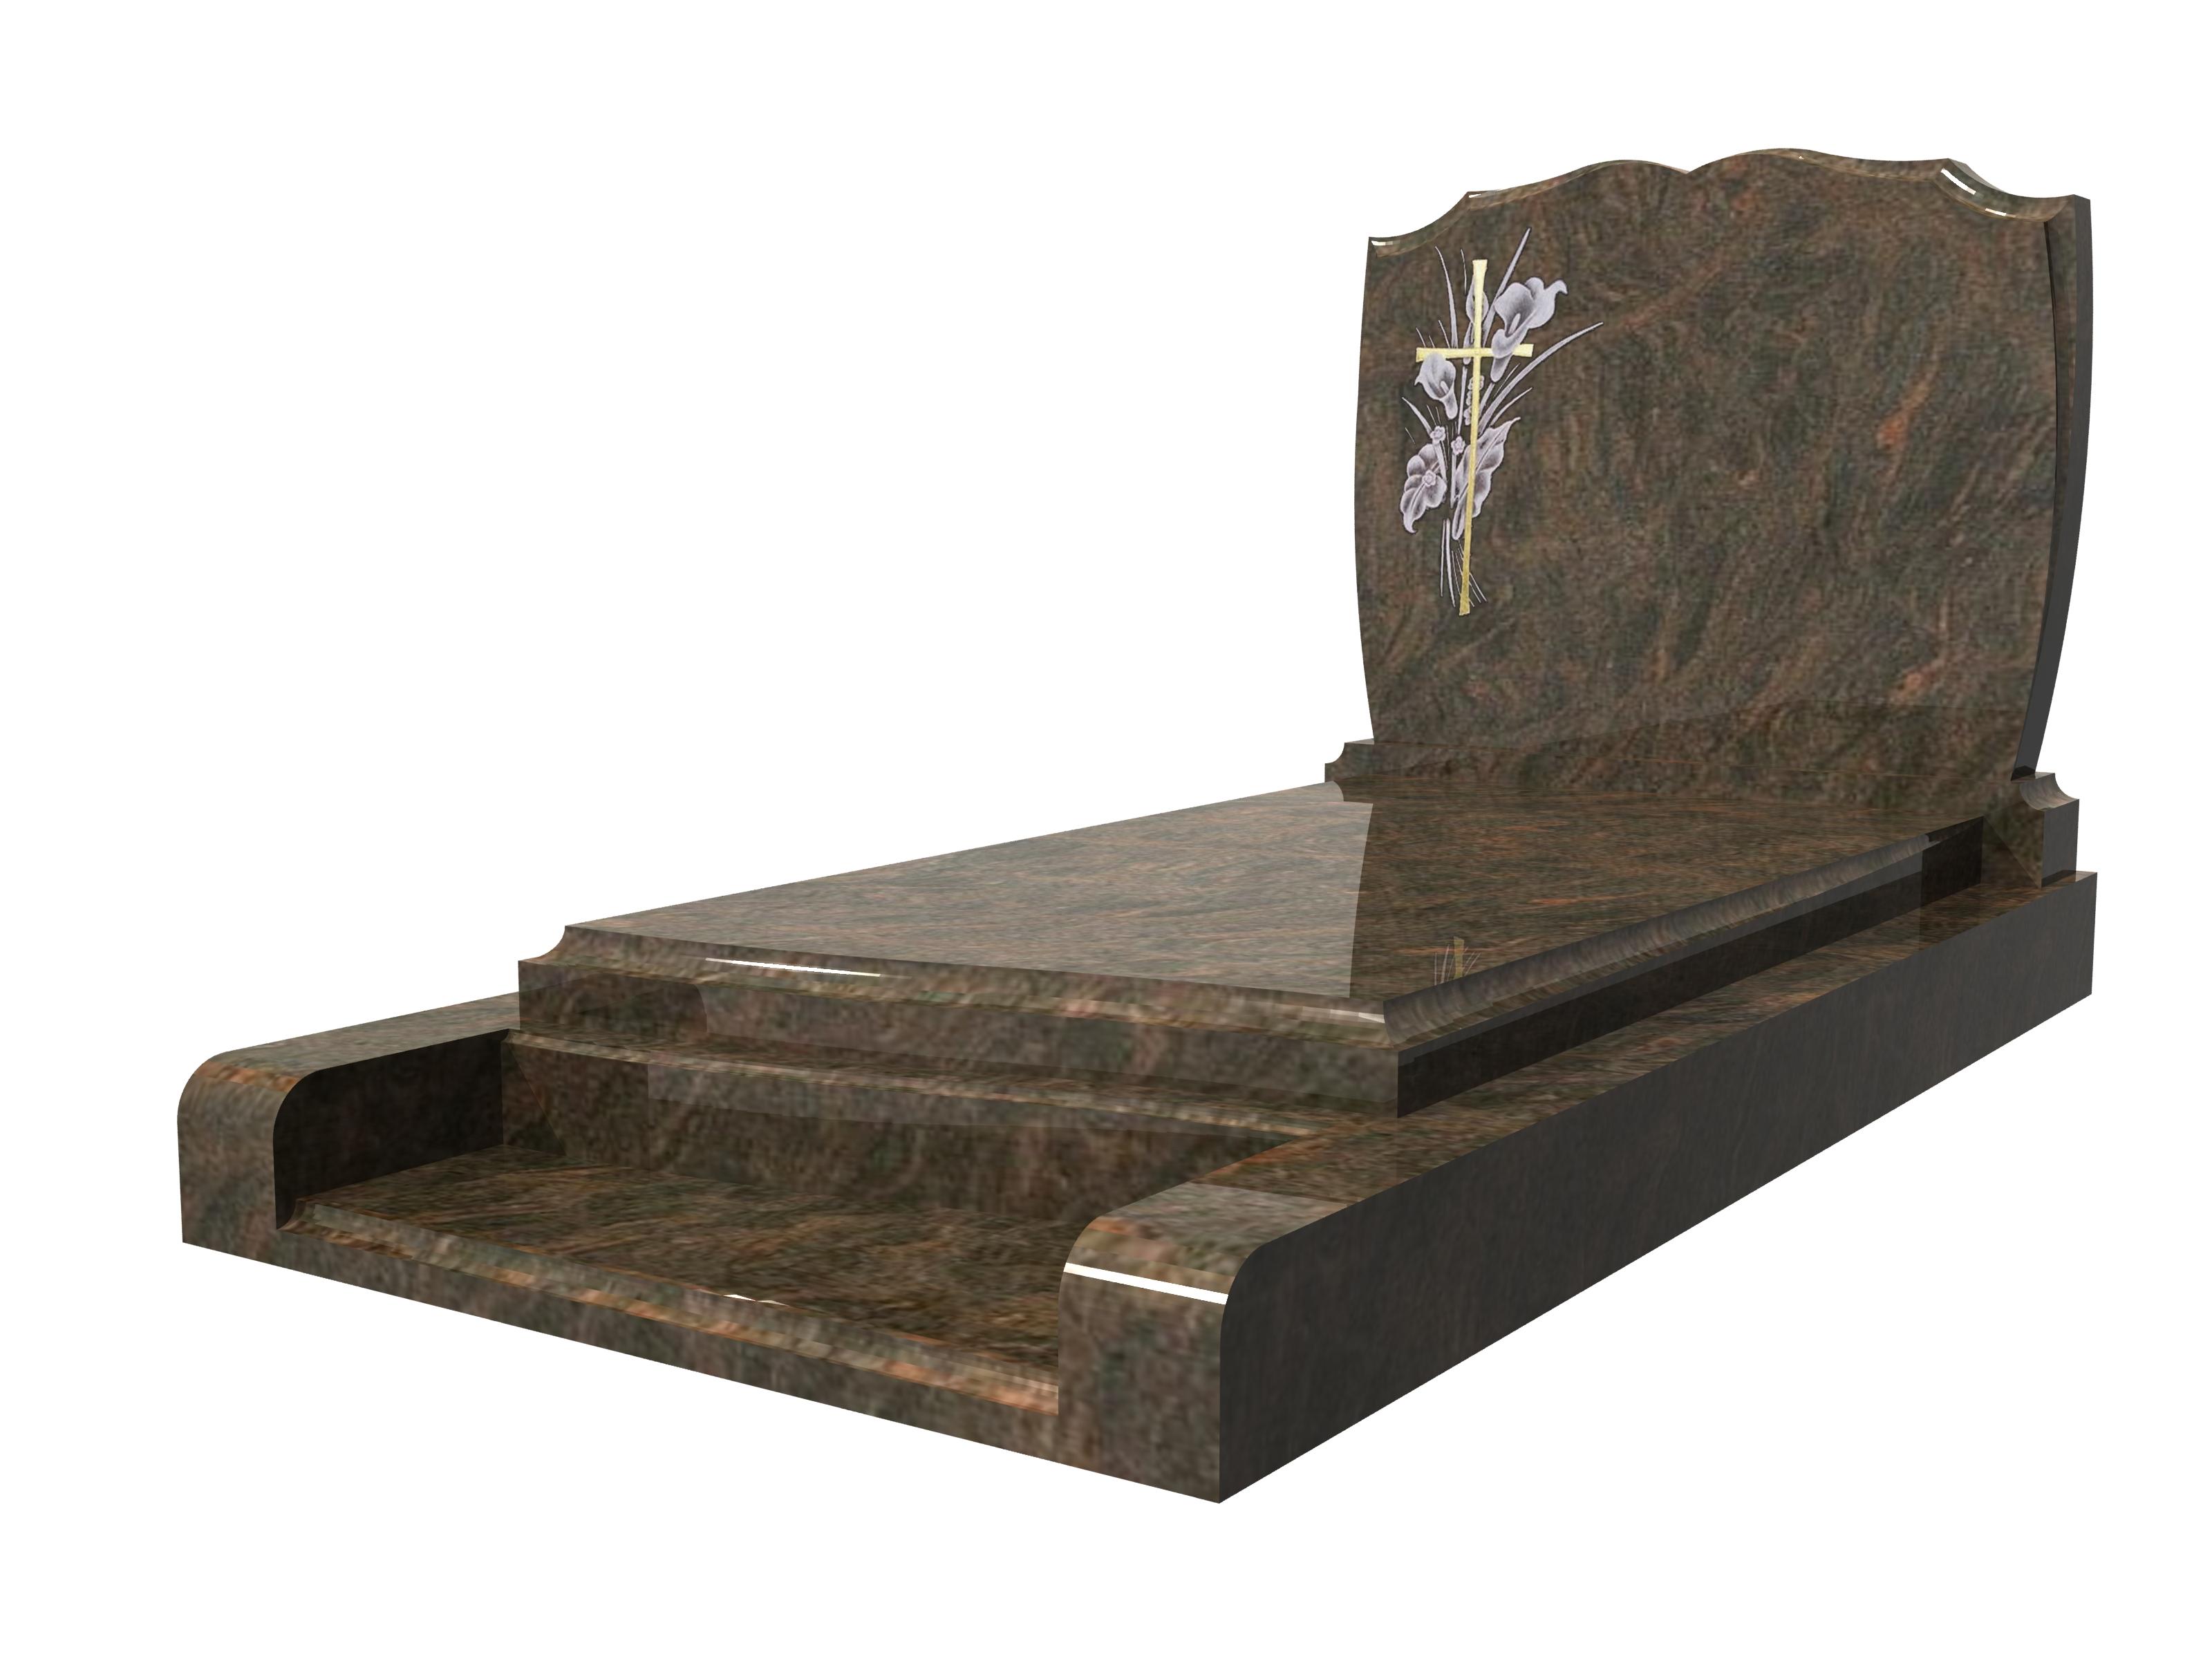 monuments entreprise de r f rence dans le granit et le marbre mulhouse altkirch colmar. Black Bedroom Furniture Sets. Home Design Ideas